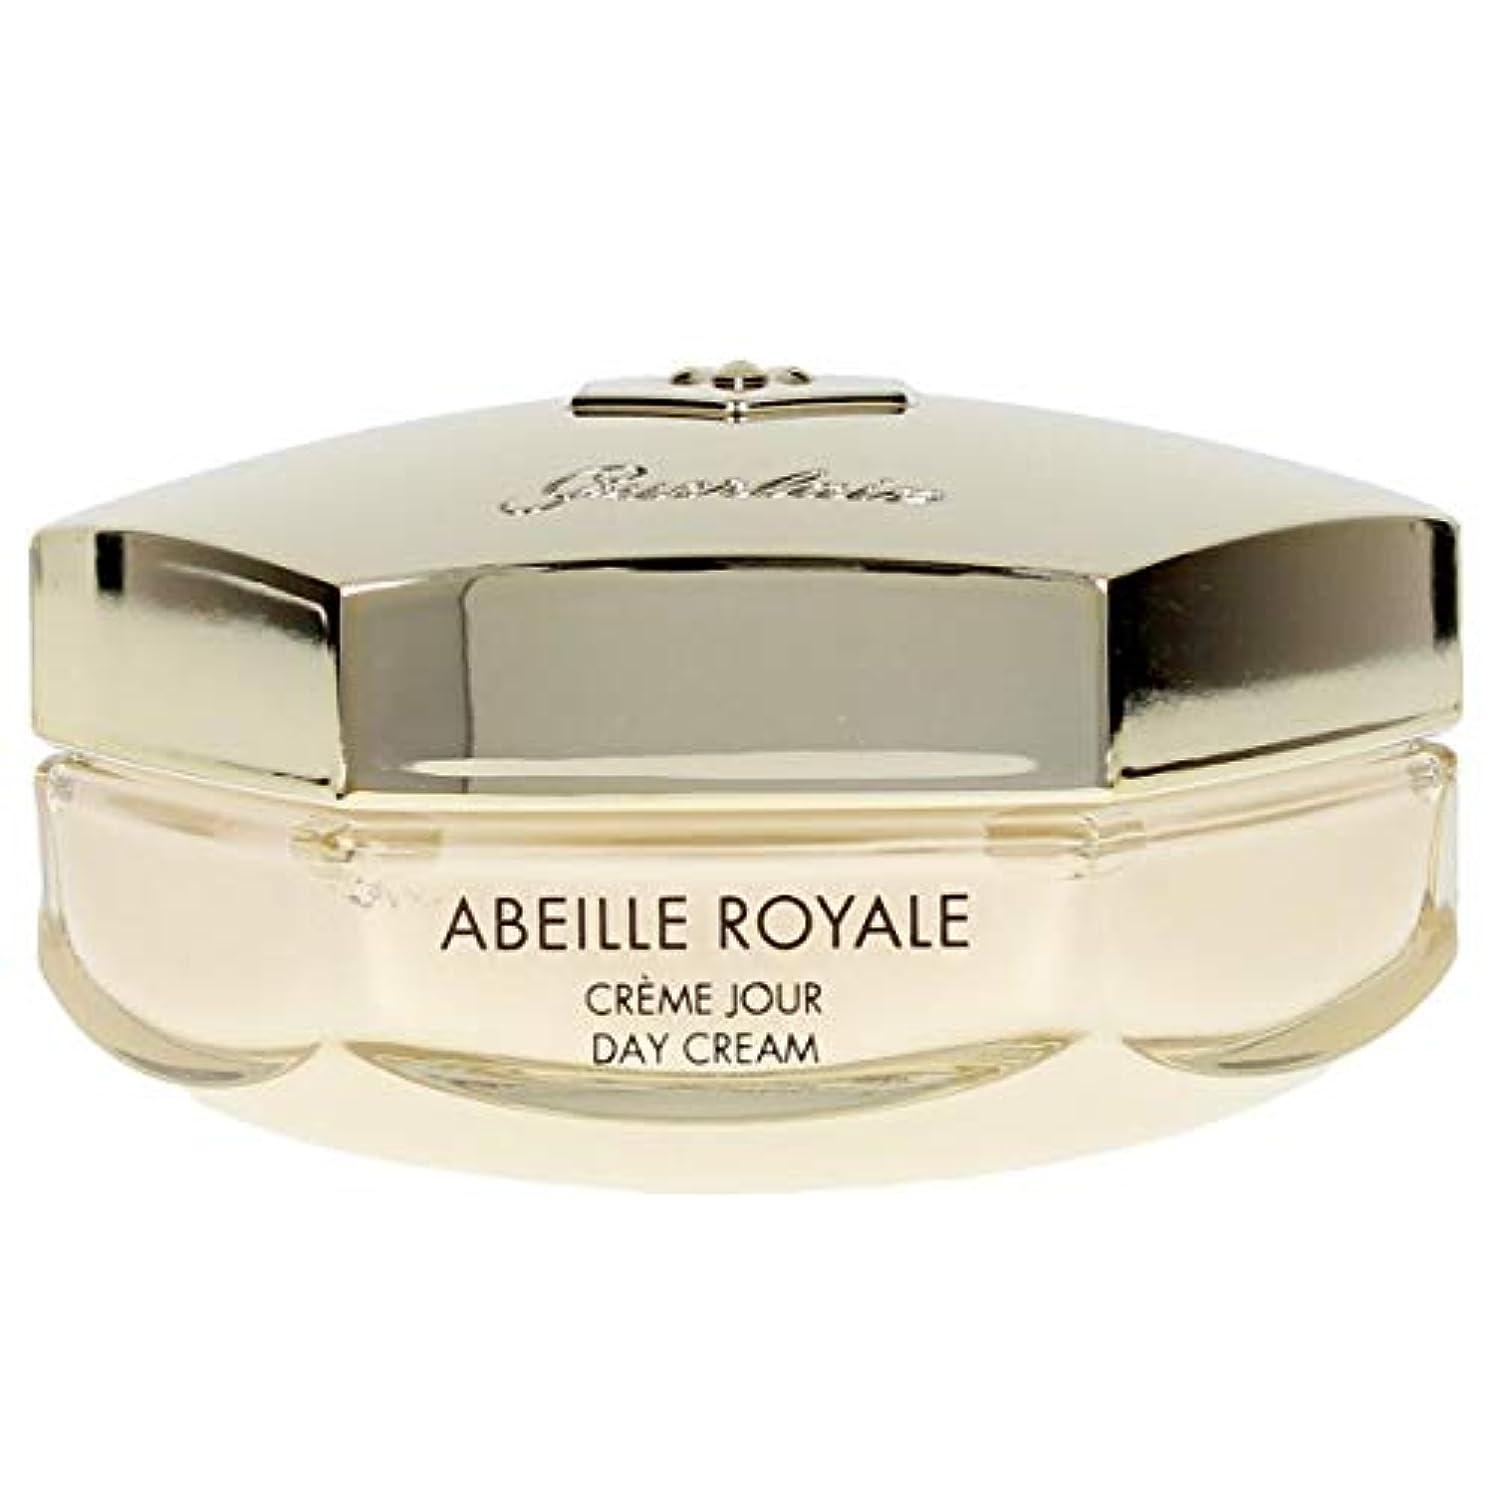 かなりのリッチ侵入するゲラン Abeille Royale Day Cream - Firms, Smoothes & Illuminates 50ml/1.6oz並行輸入品